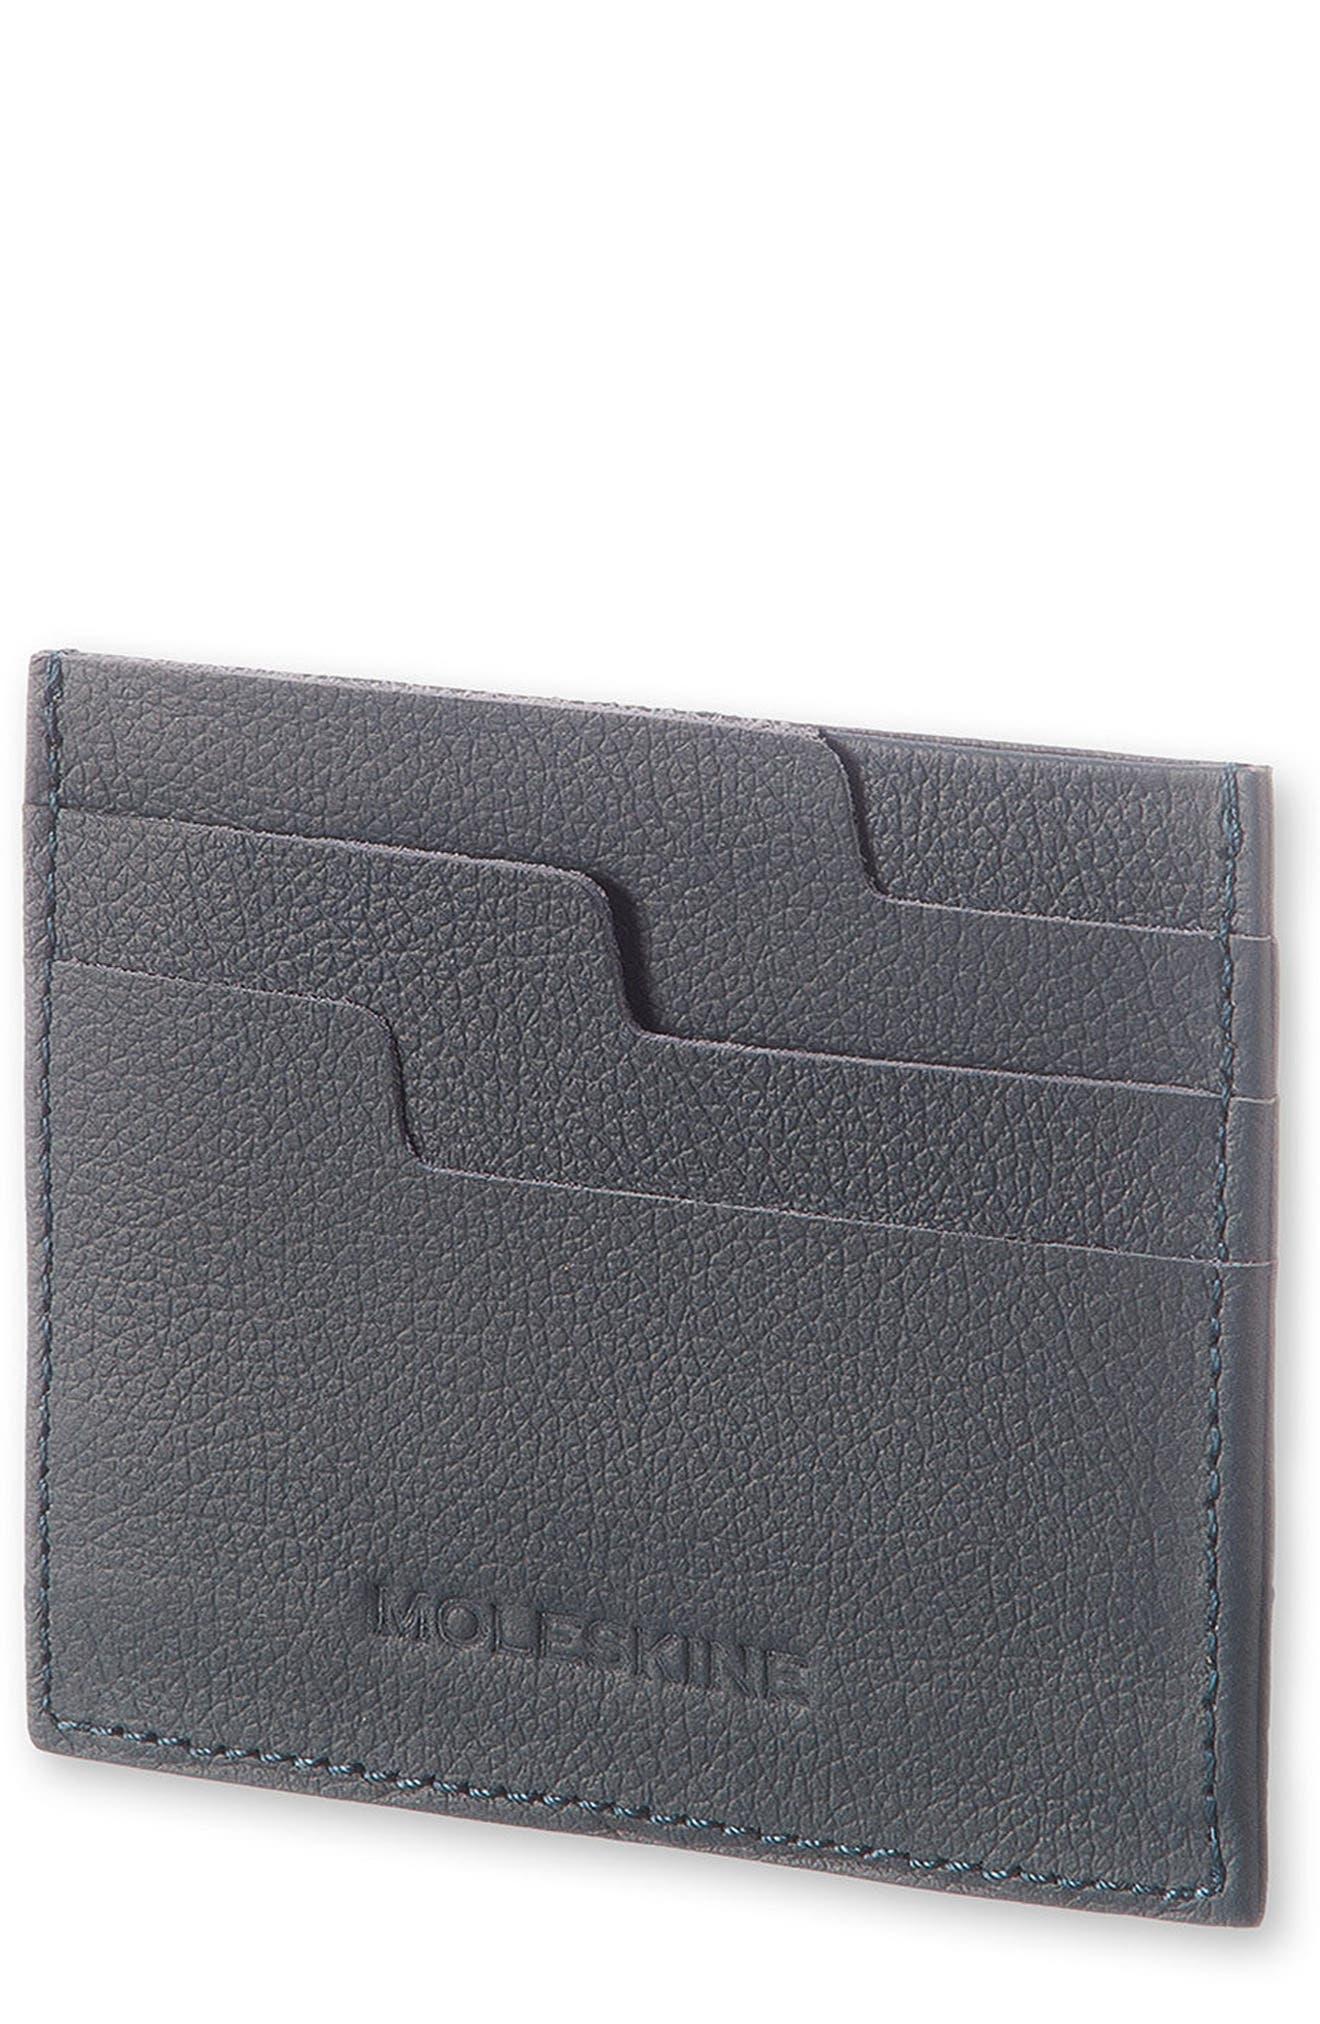 Moleskin Lineage Leather Card Case,                         Main,                         color, AVIO BLUE